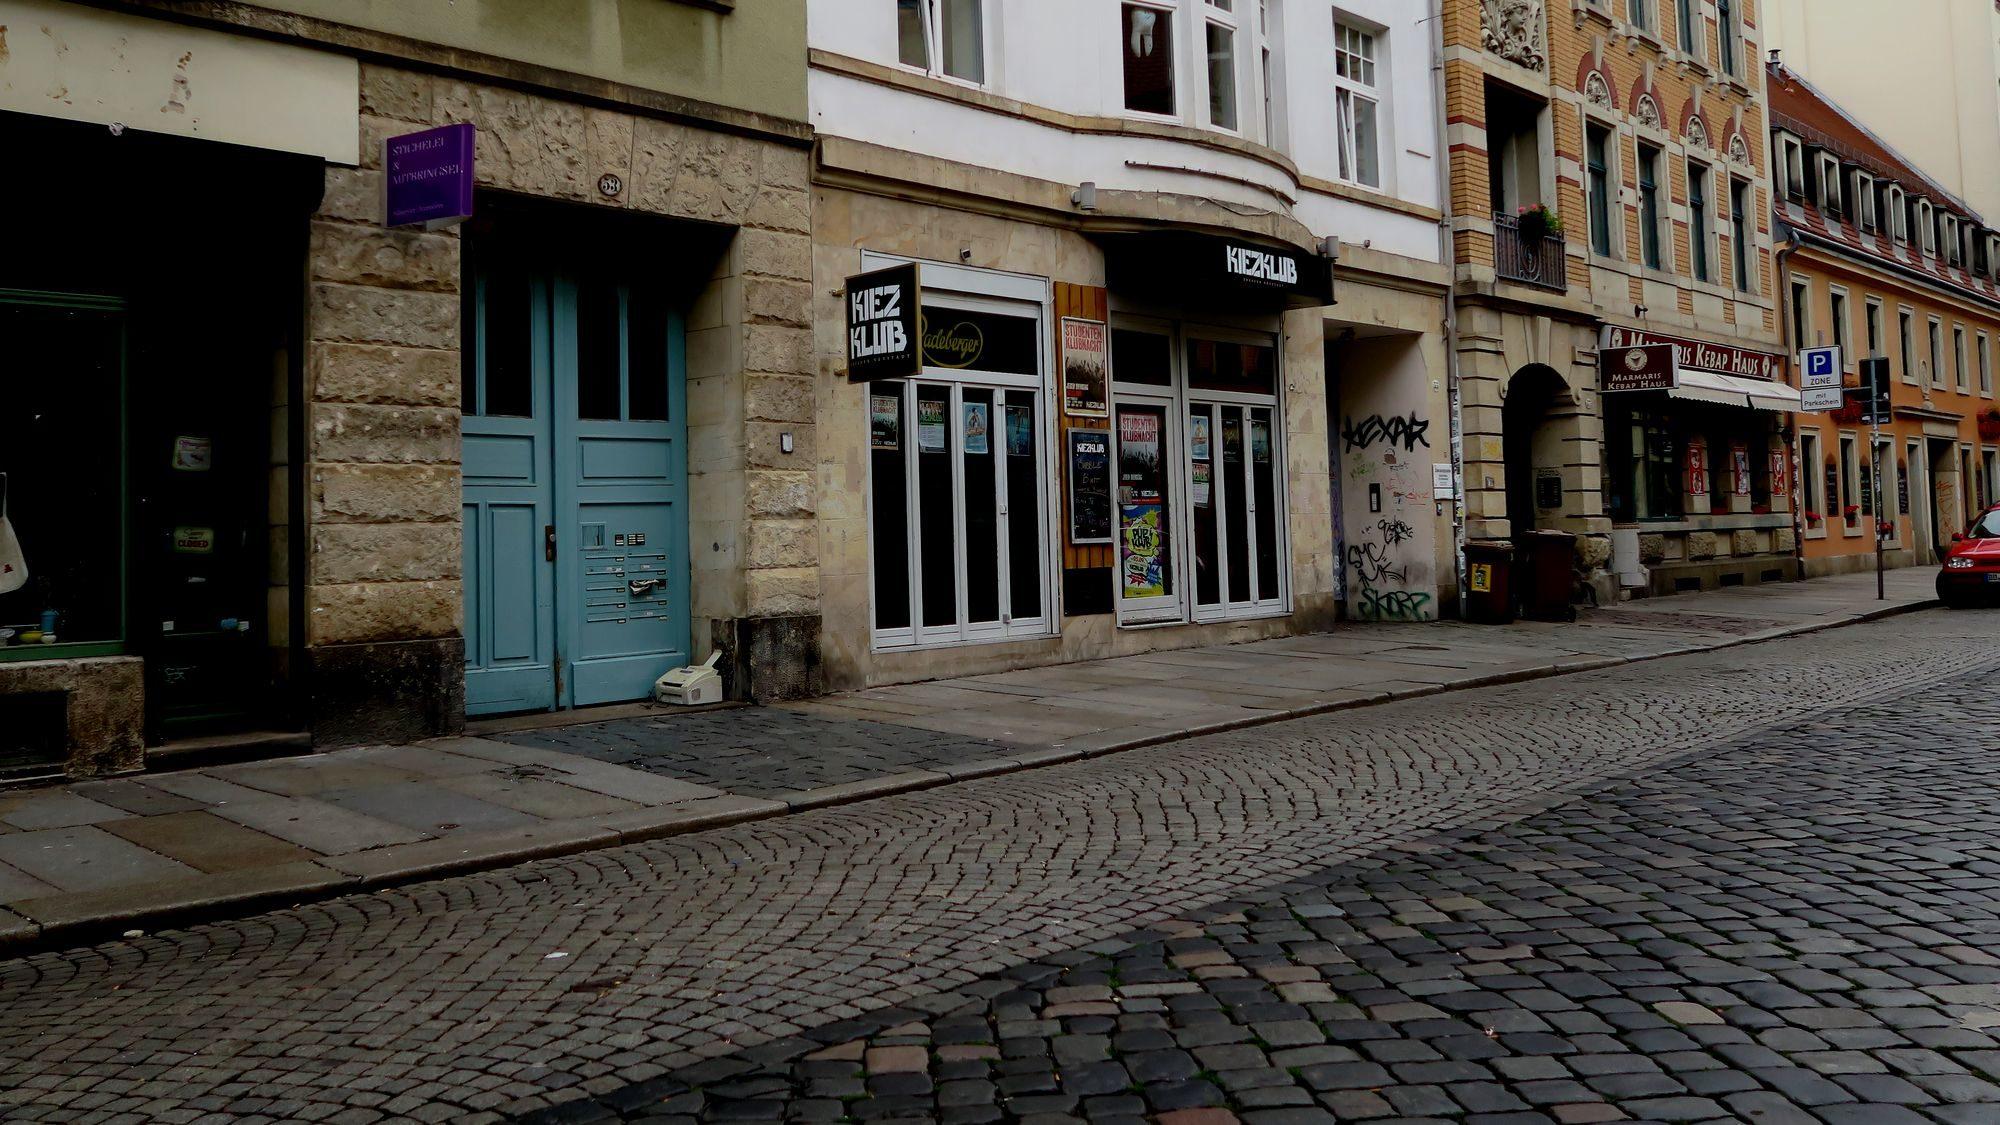 Auseinandersetzung Louisenstraße: Der Ort des Geschehens: Louisenstrasse 55